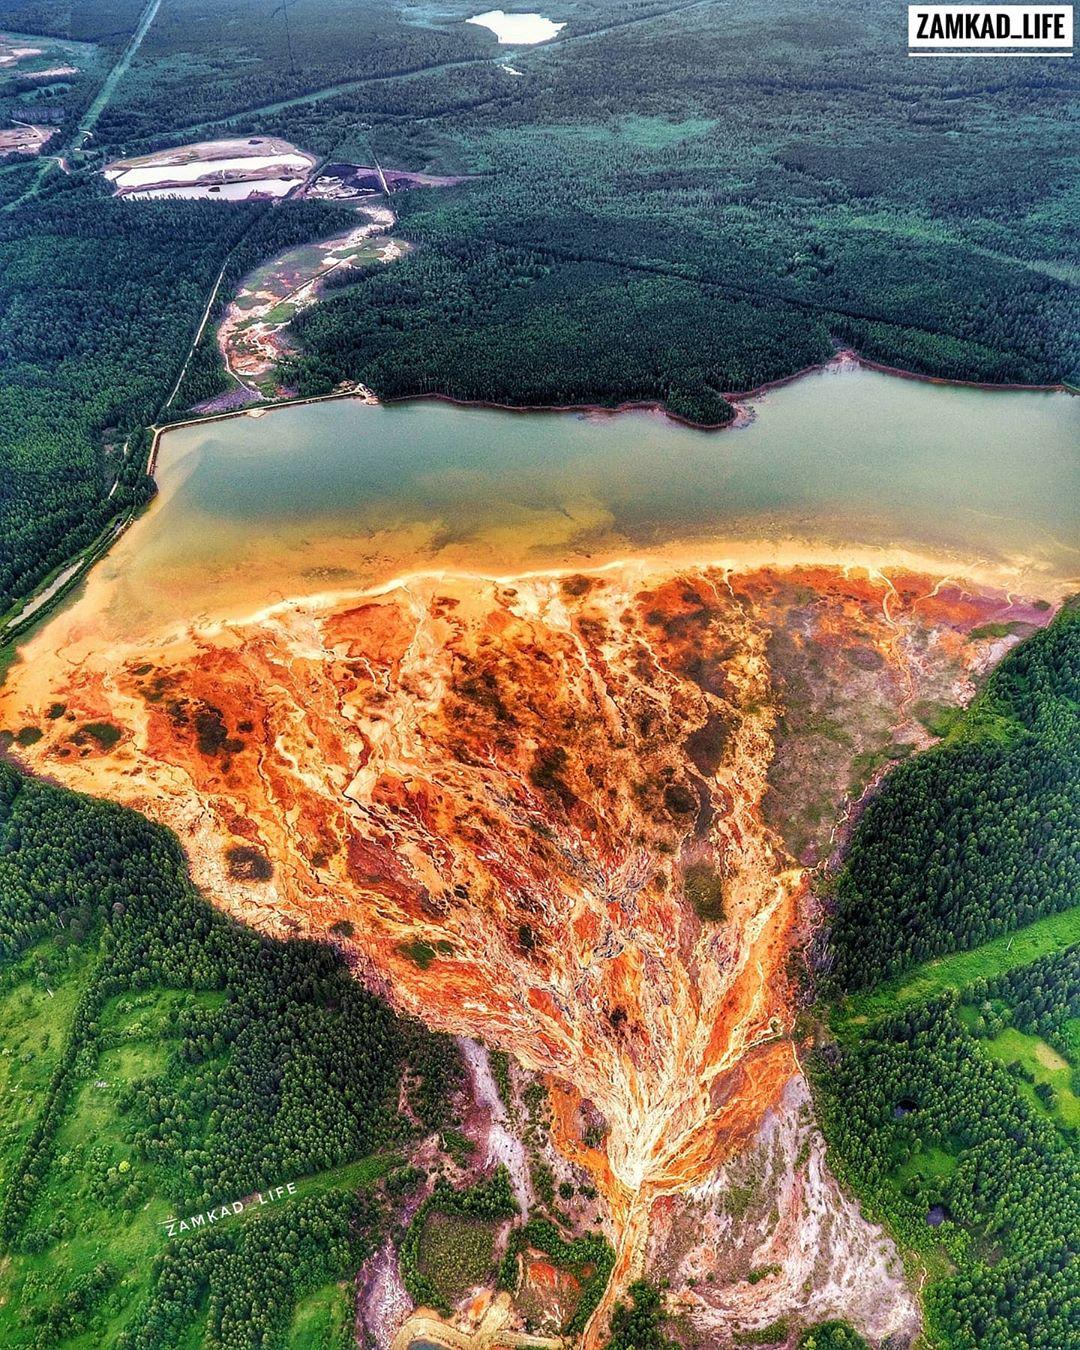 Кислотные воды из шахт скапливаются в специальном пруду, их нейтрализуют с помощью извести